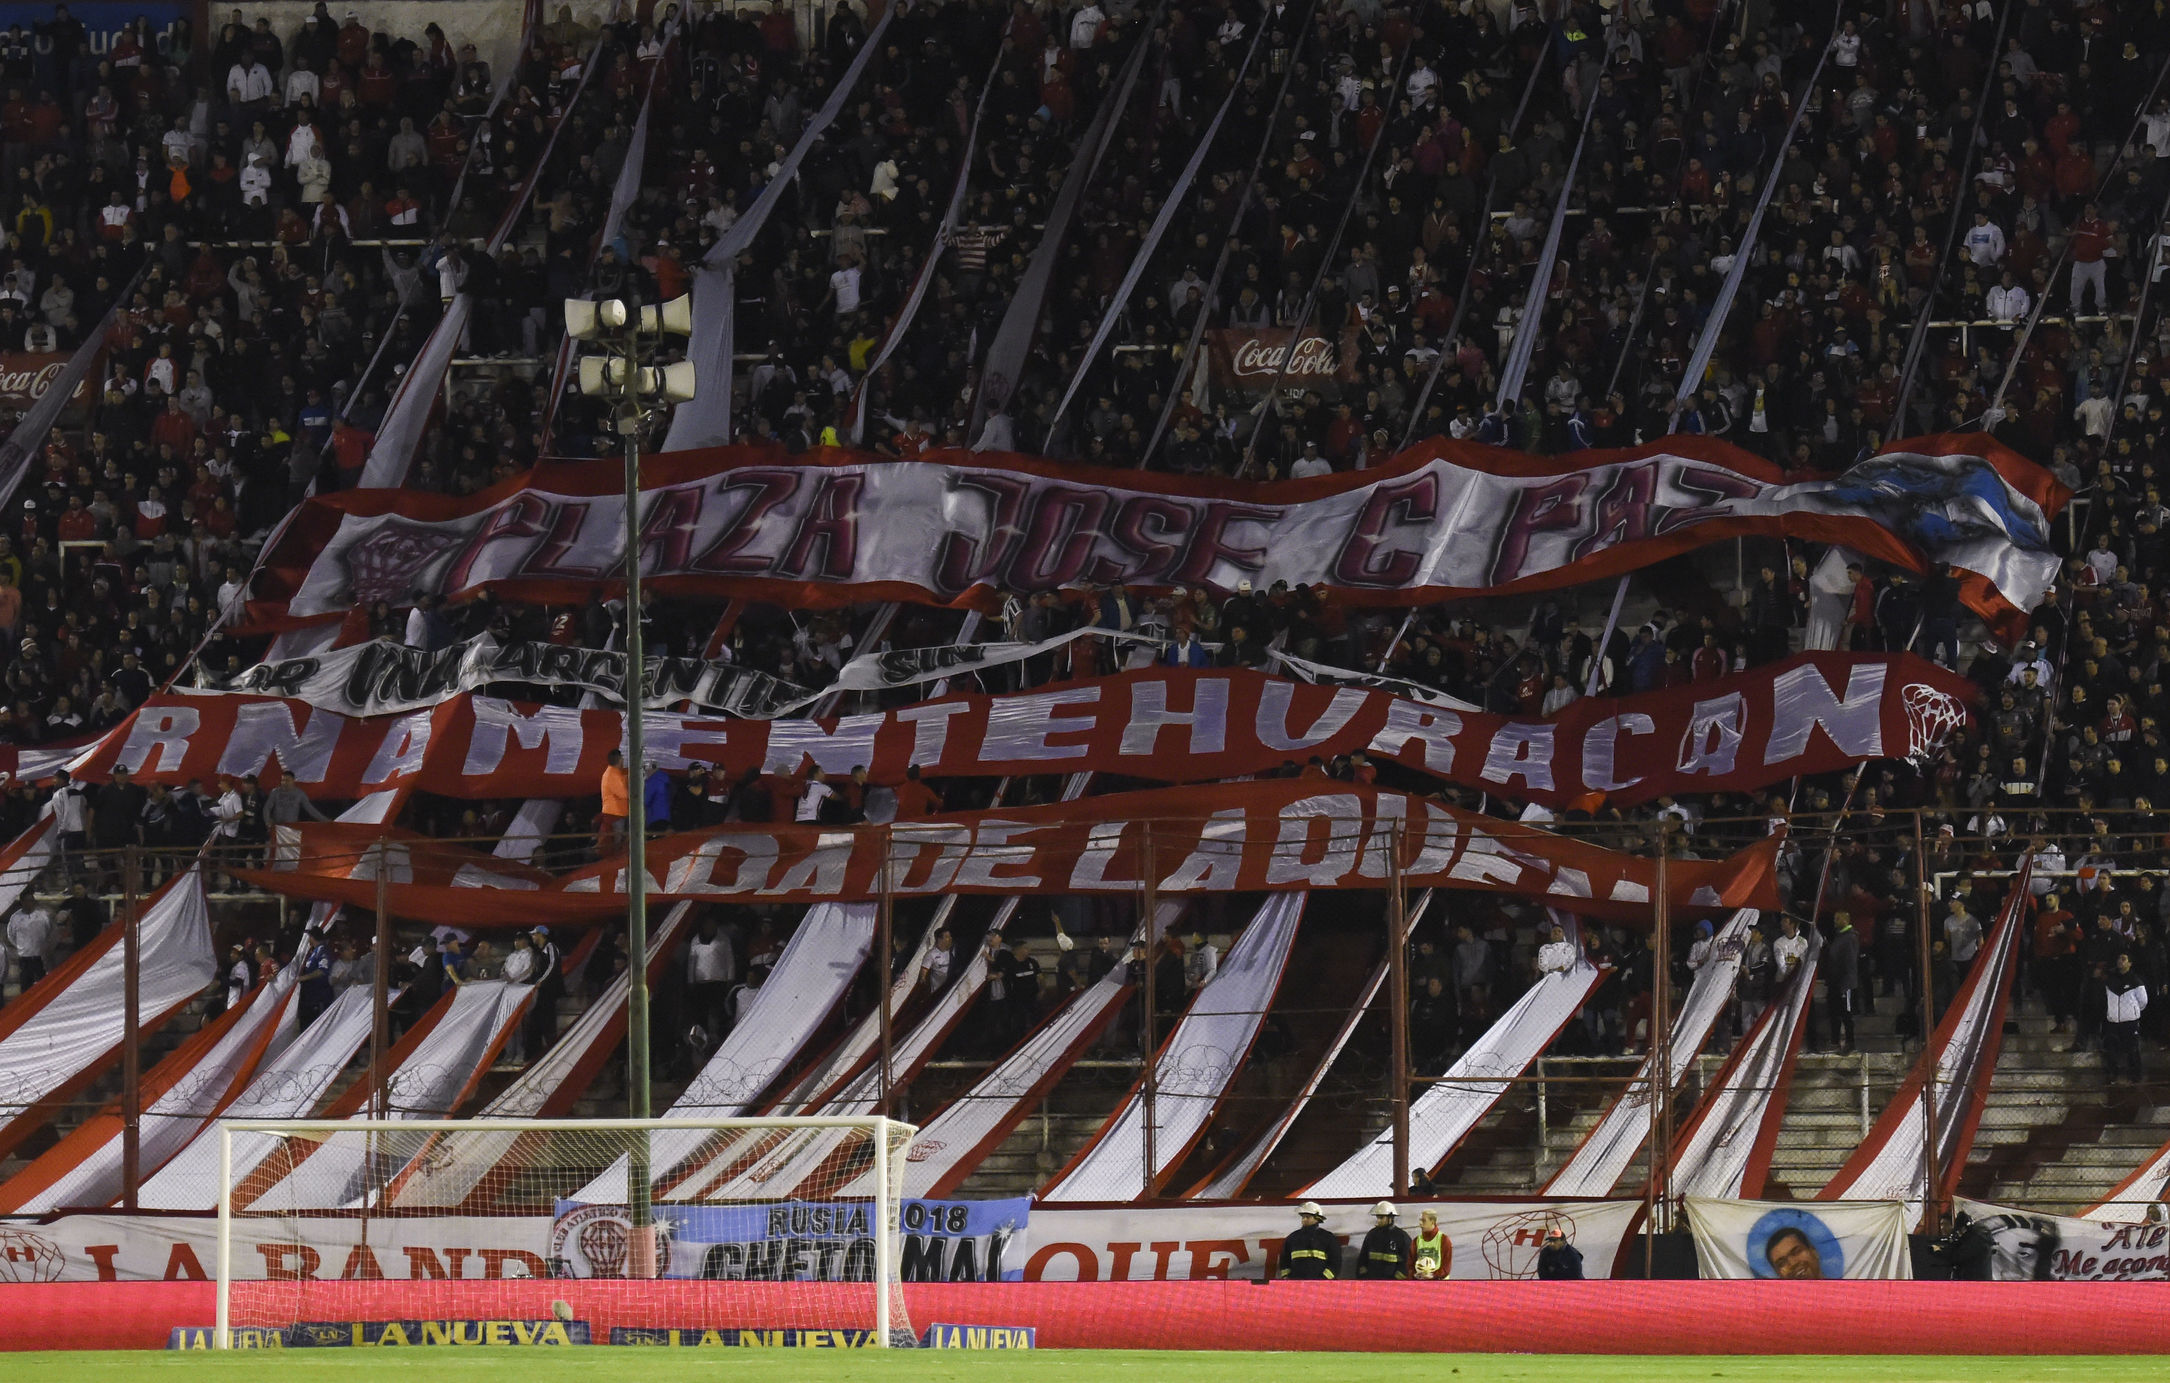 Страх и ненависть. ТОП-5 лучших противостояний Аргентины - изображение 2